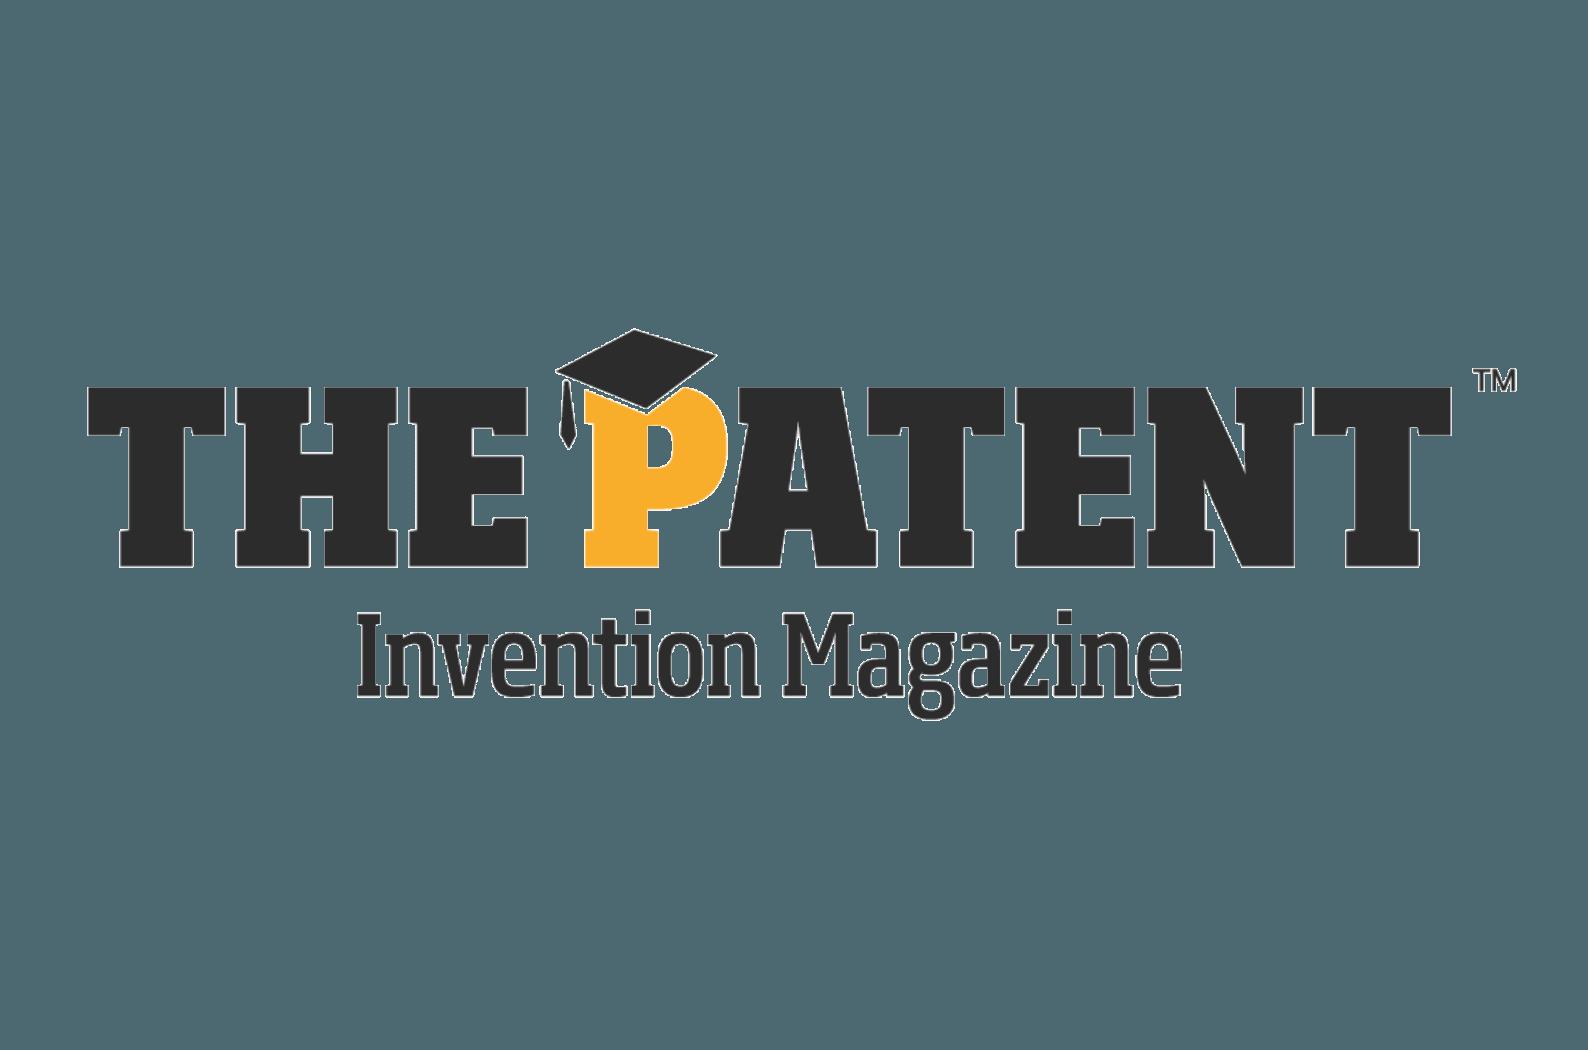 _thepatent logo